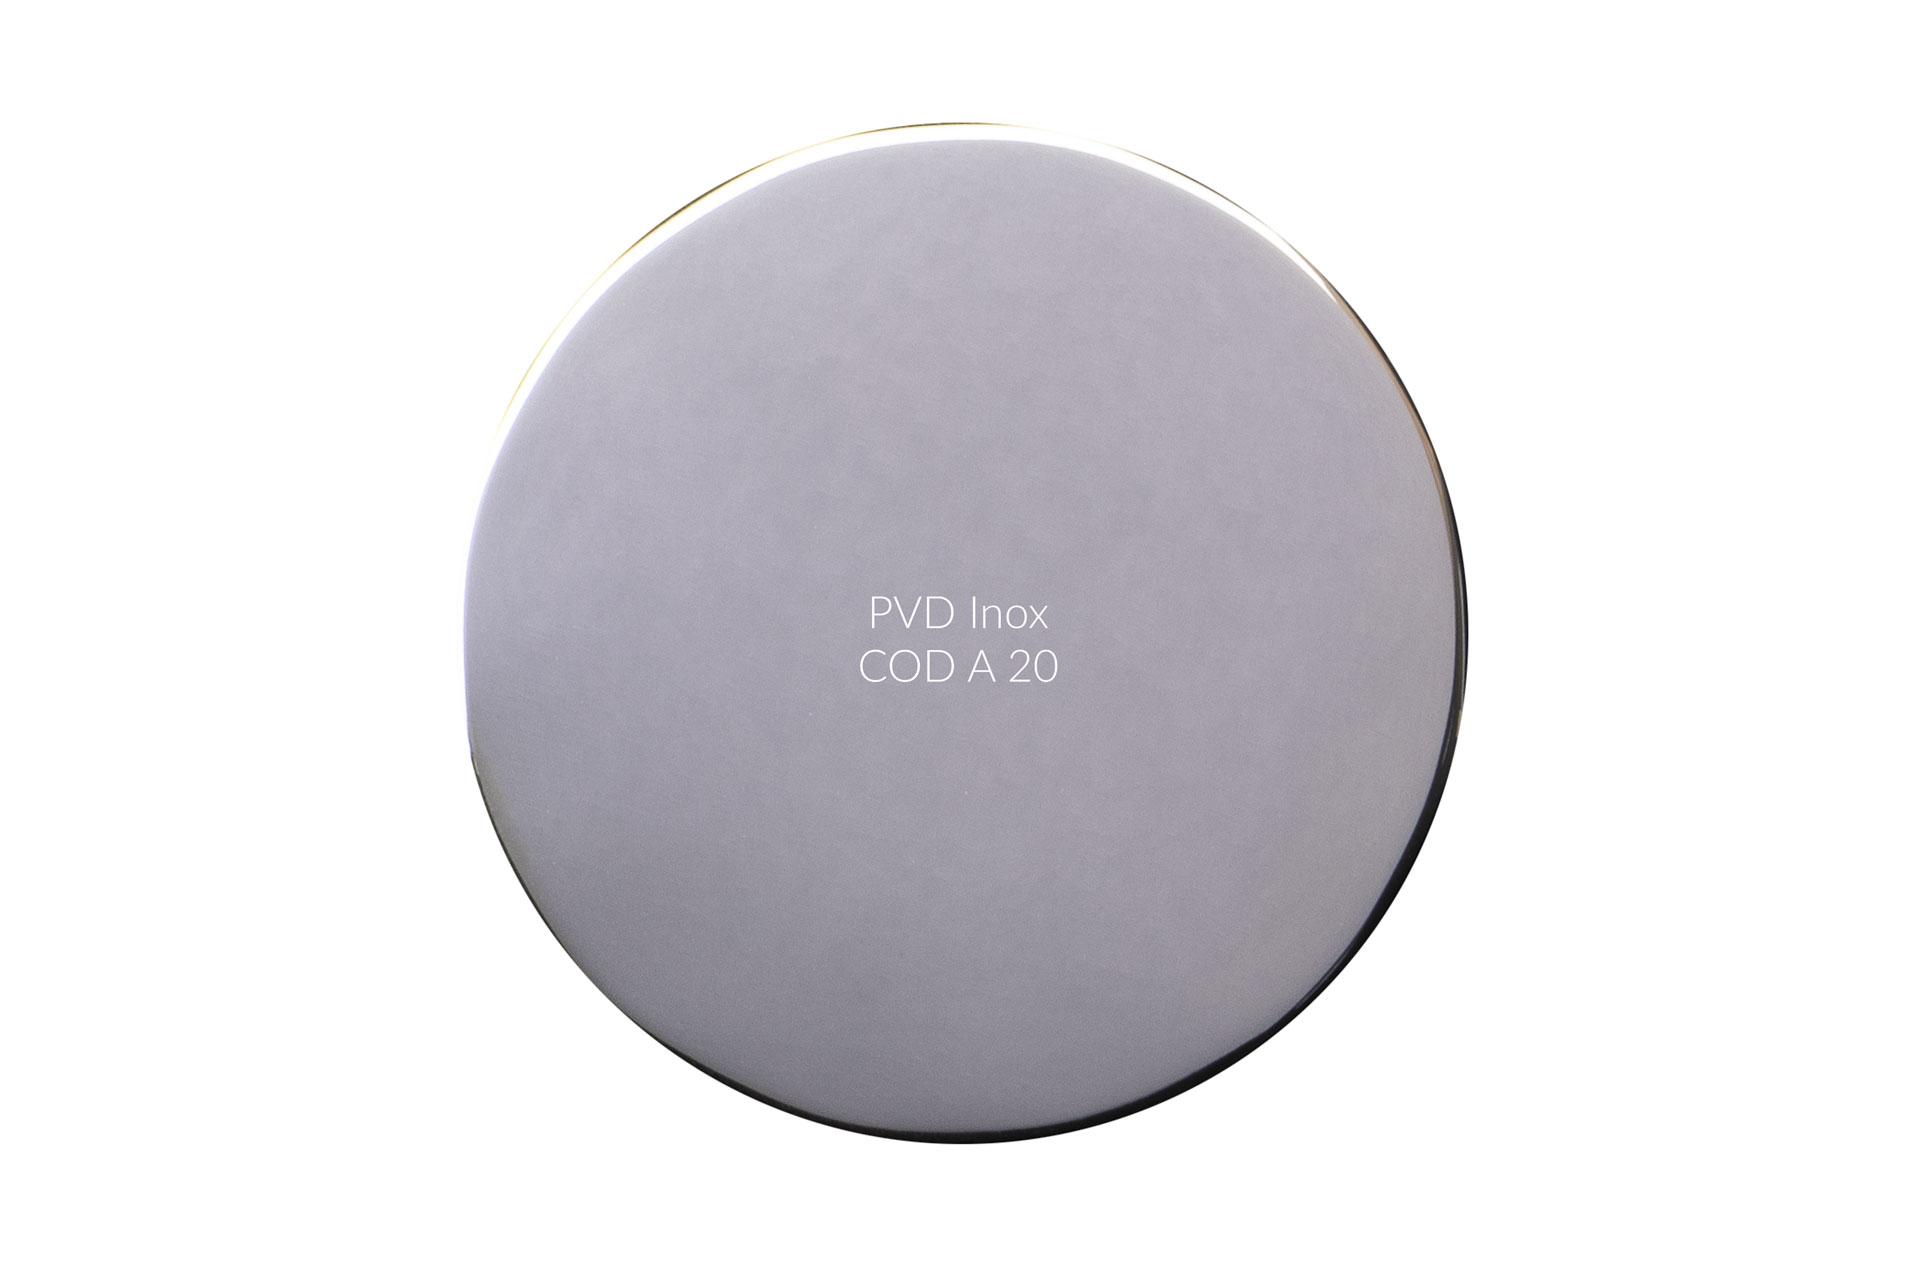 Dischetto PVD inox cod A 20 lucido